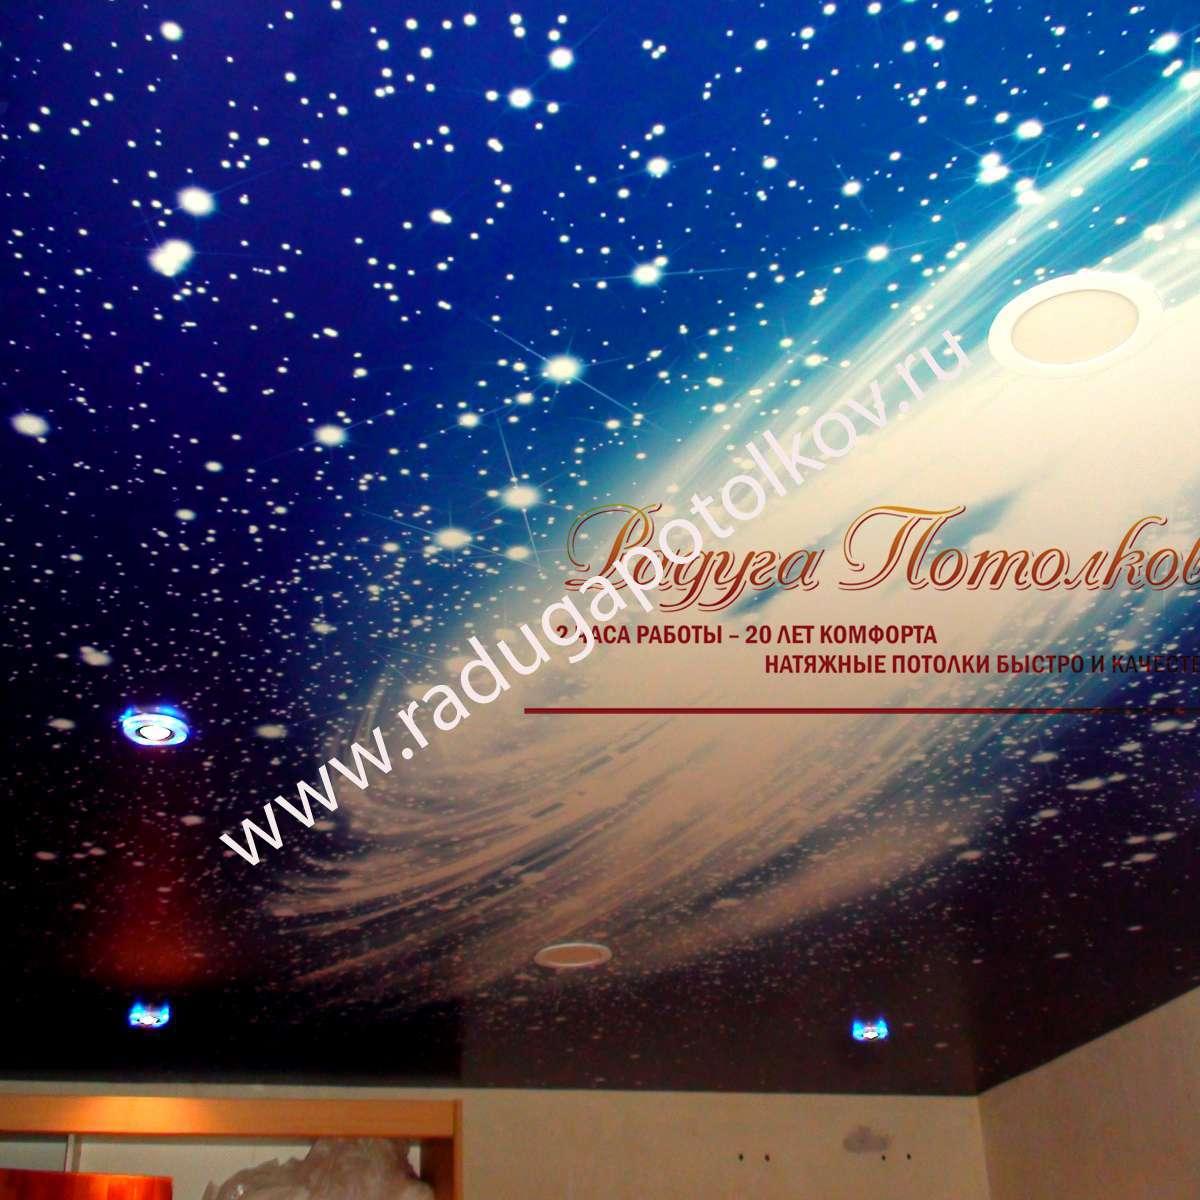 звездное небо фотопечать натяжные потолки каталог умеет